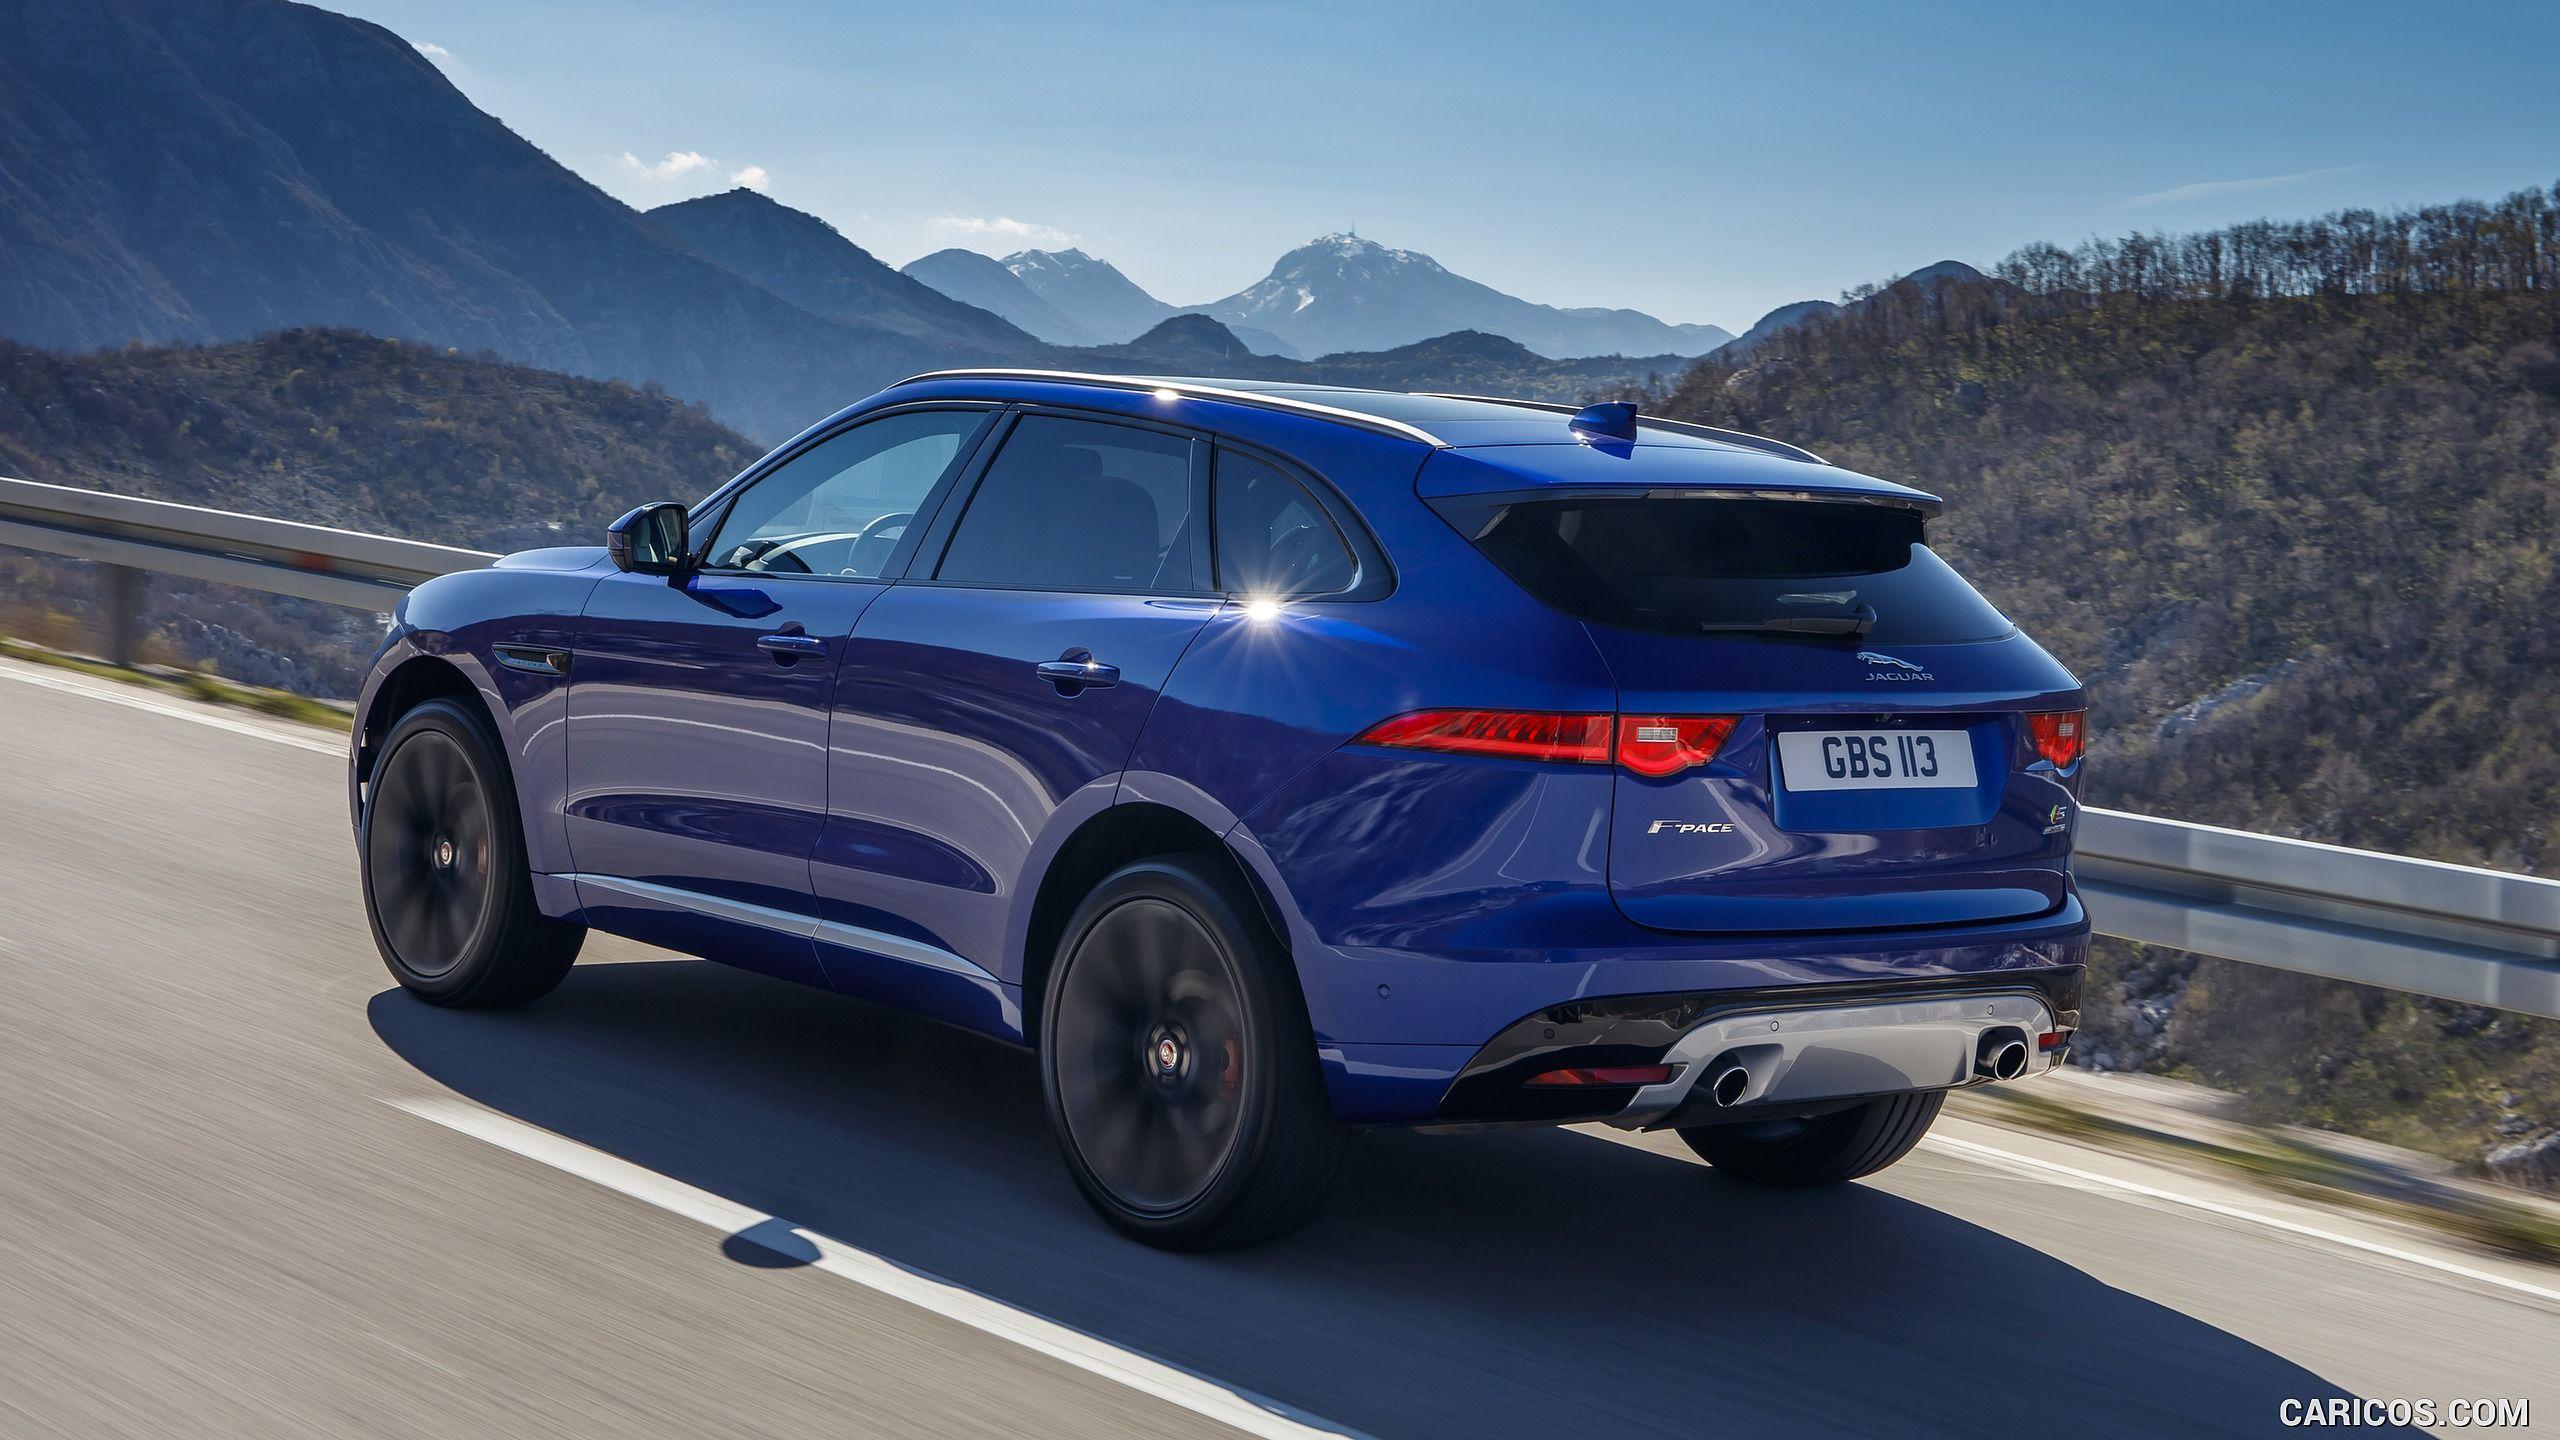 2017 Jaguar F Pace S Jaguar Daihatsu Blue Jaguar xe r dynamic 2019 5k 2